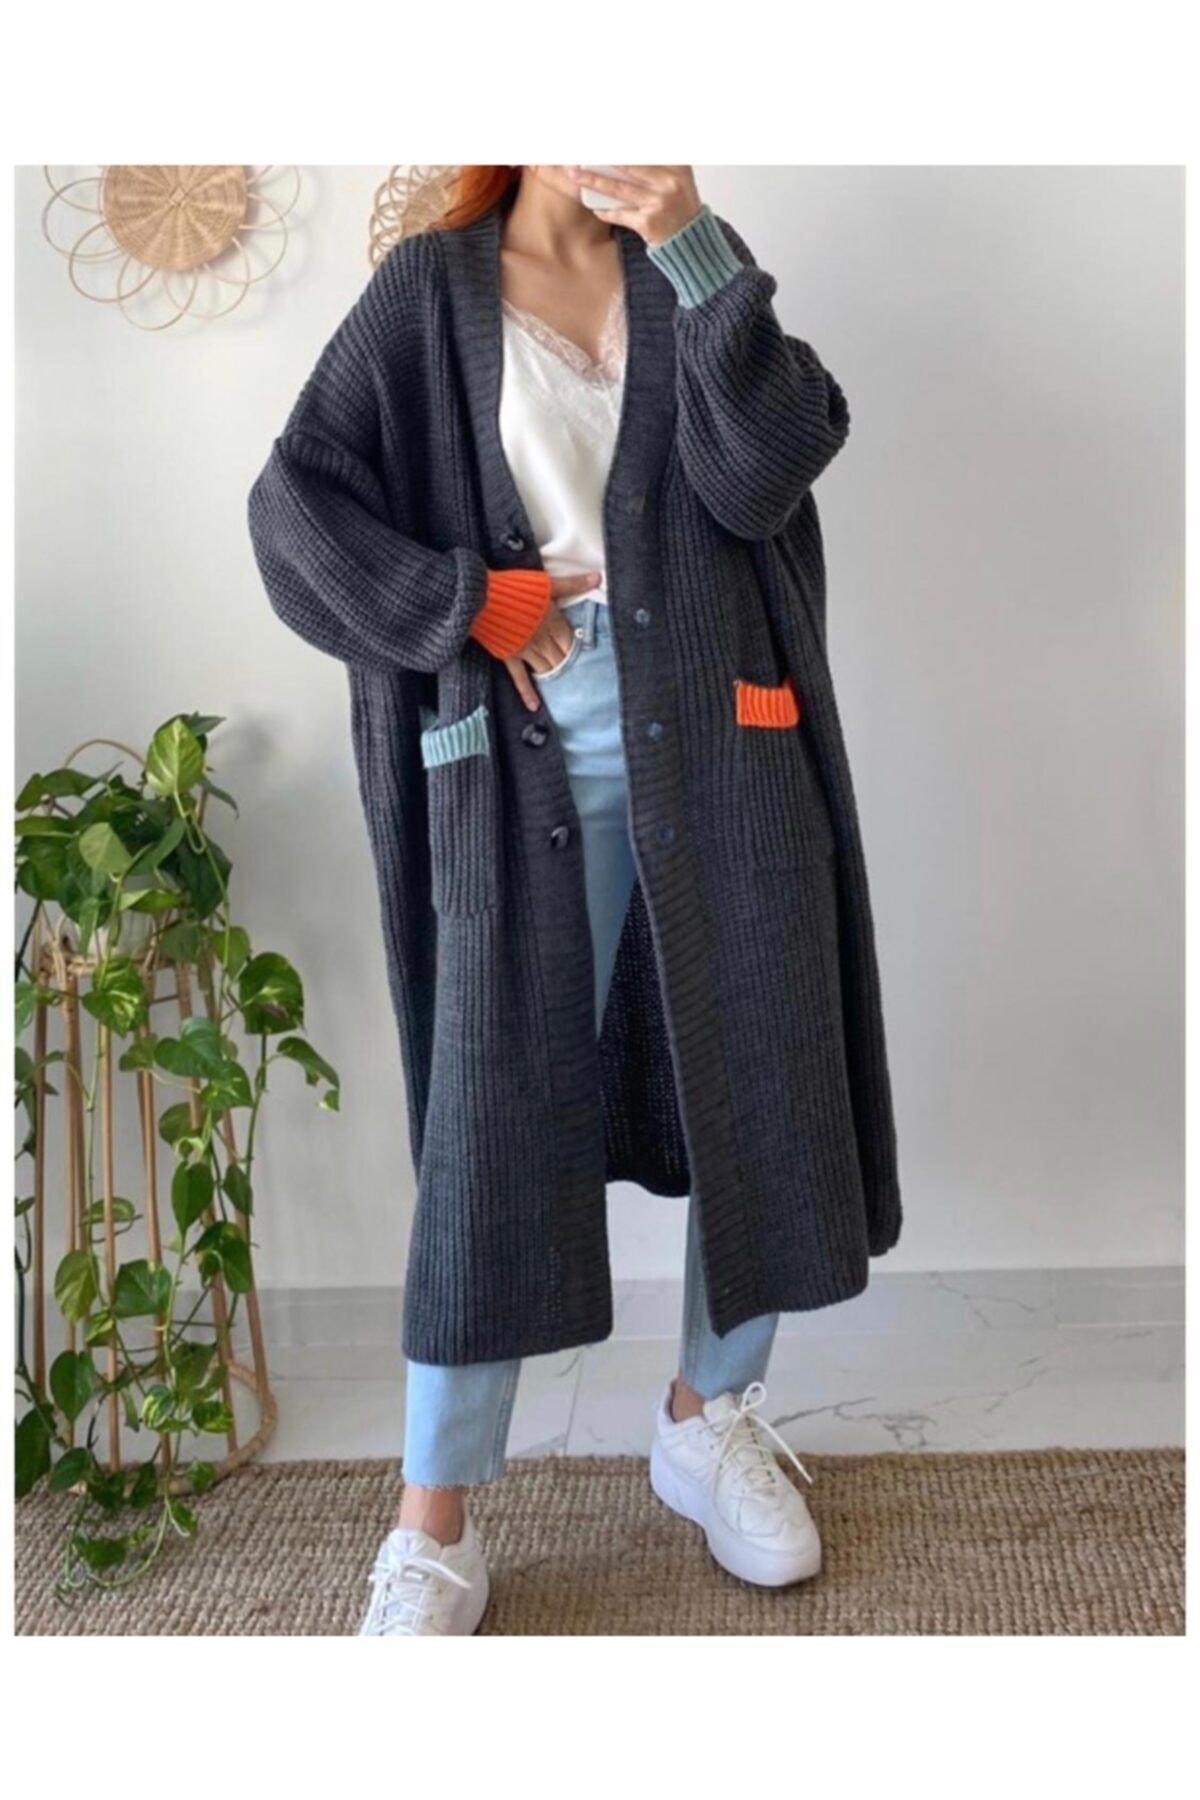 Maystore Kadın Gri Renk Detaylı Kalın Örme Uzun Triko Hırka 2